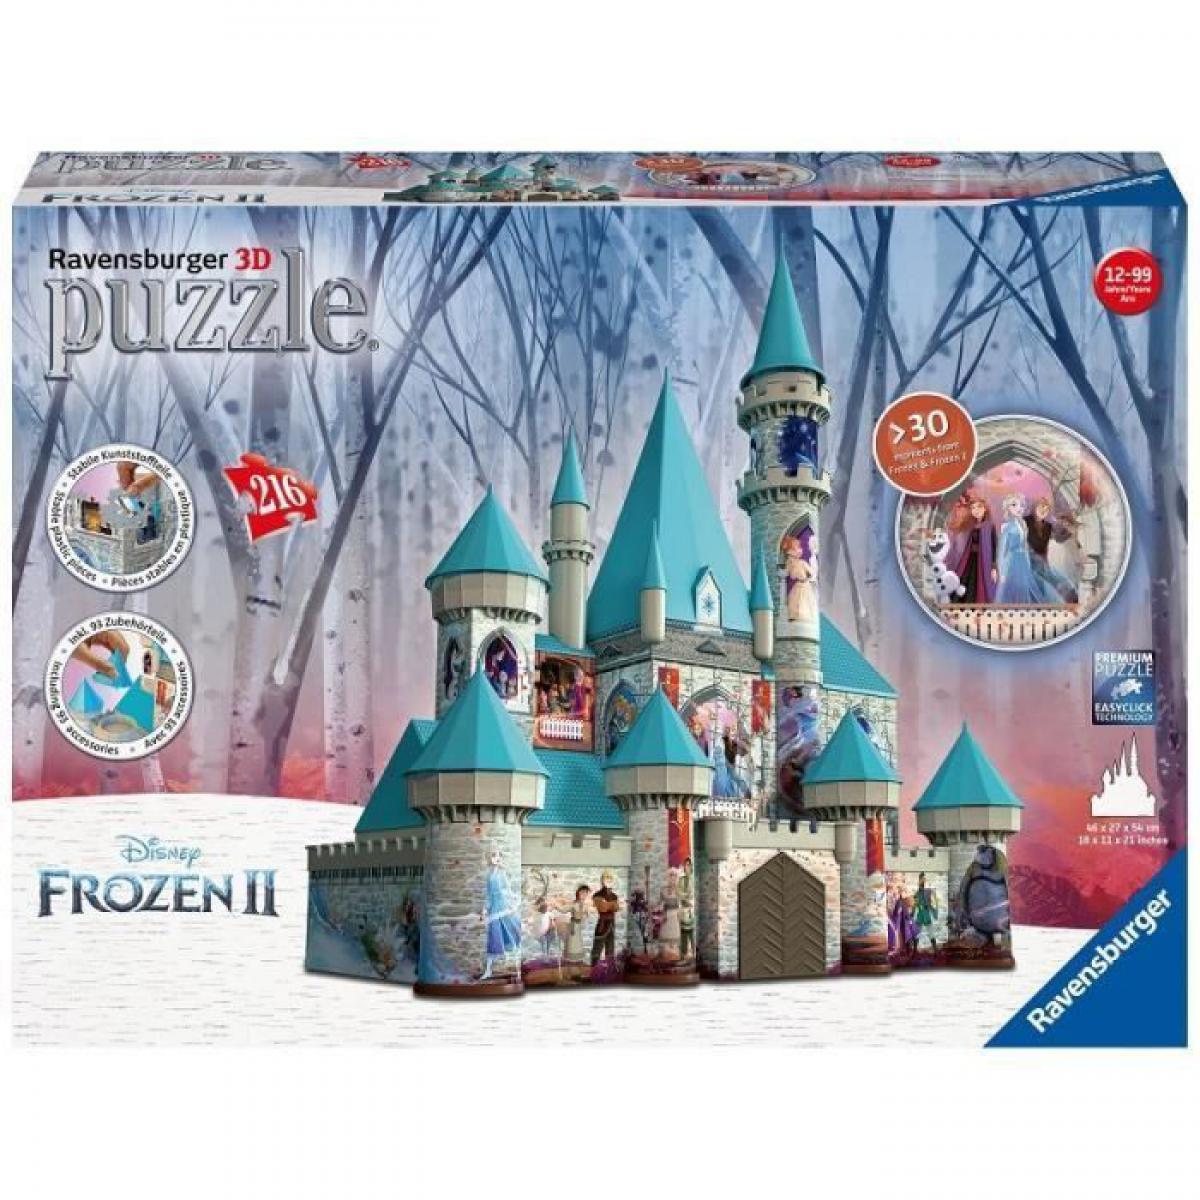 Ravensburger RAVENSBURGER - La Reine des Neiges 2 Puzzle 3D Chateau de la Reine des Neiges 216 pieces